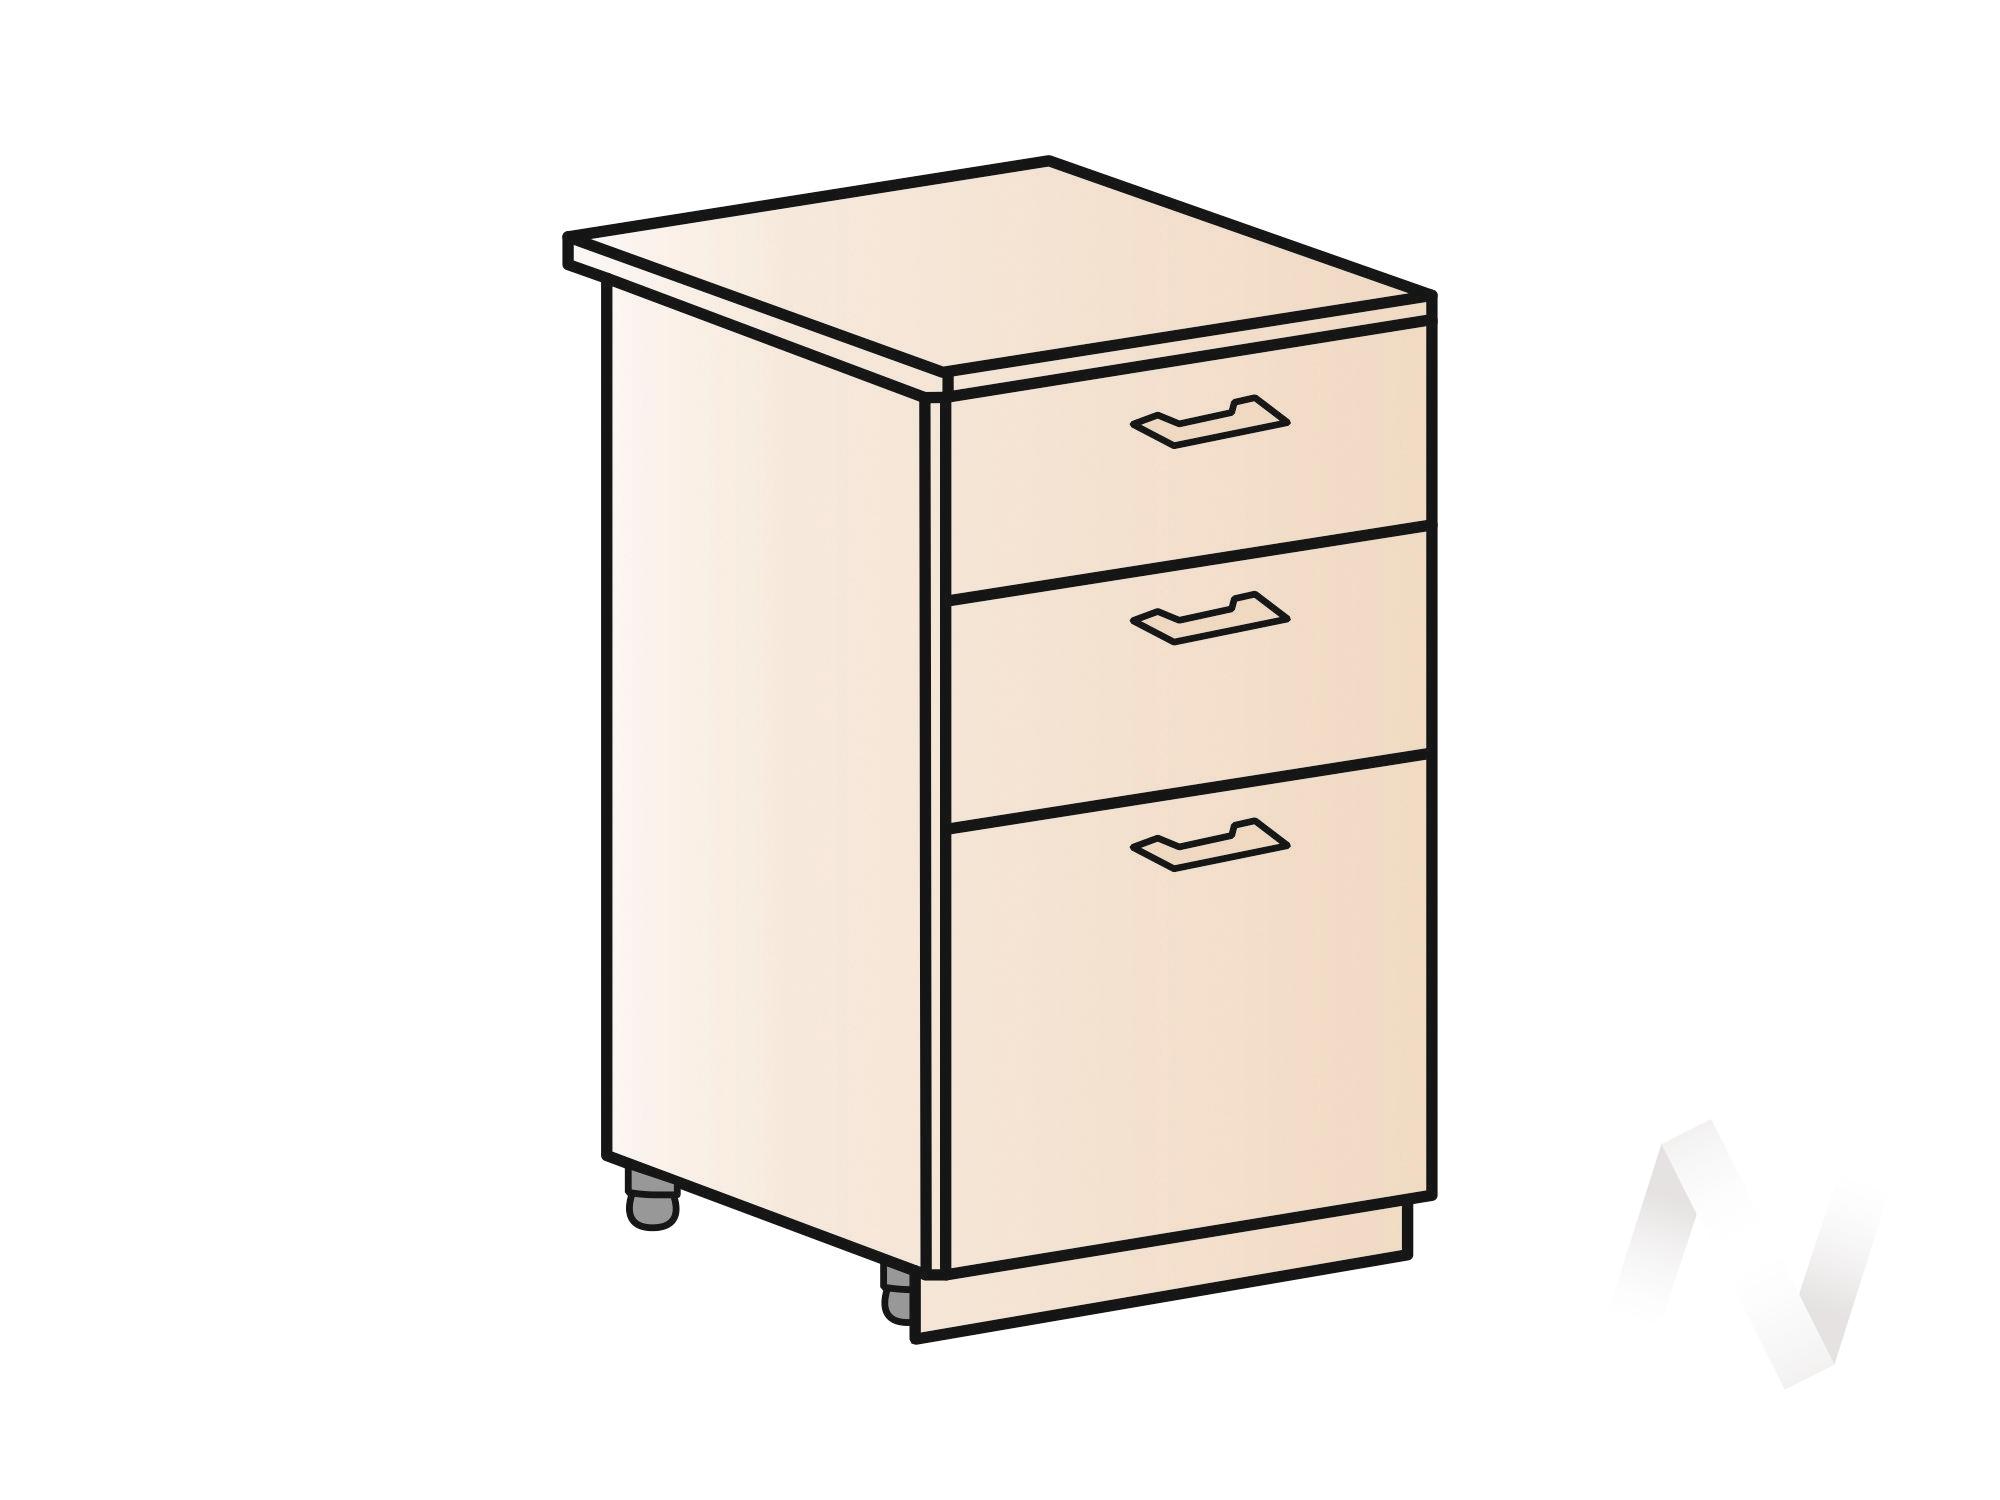 """Кухня """"Люкс"""": Шкаф нижний с 3-мя ящиками 500, ШН3Я 500 (Шоколад матовый/корпус венге) в Новосибирске в интернет-магазине мебели kuhnya54.ru"""